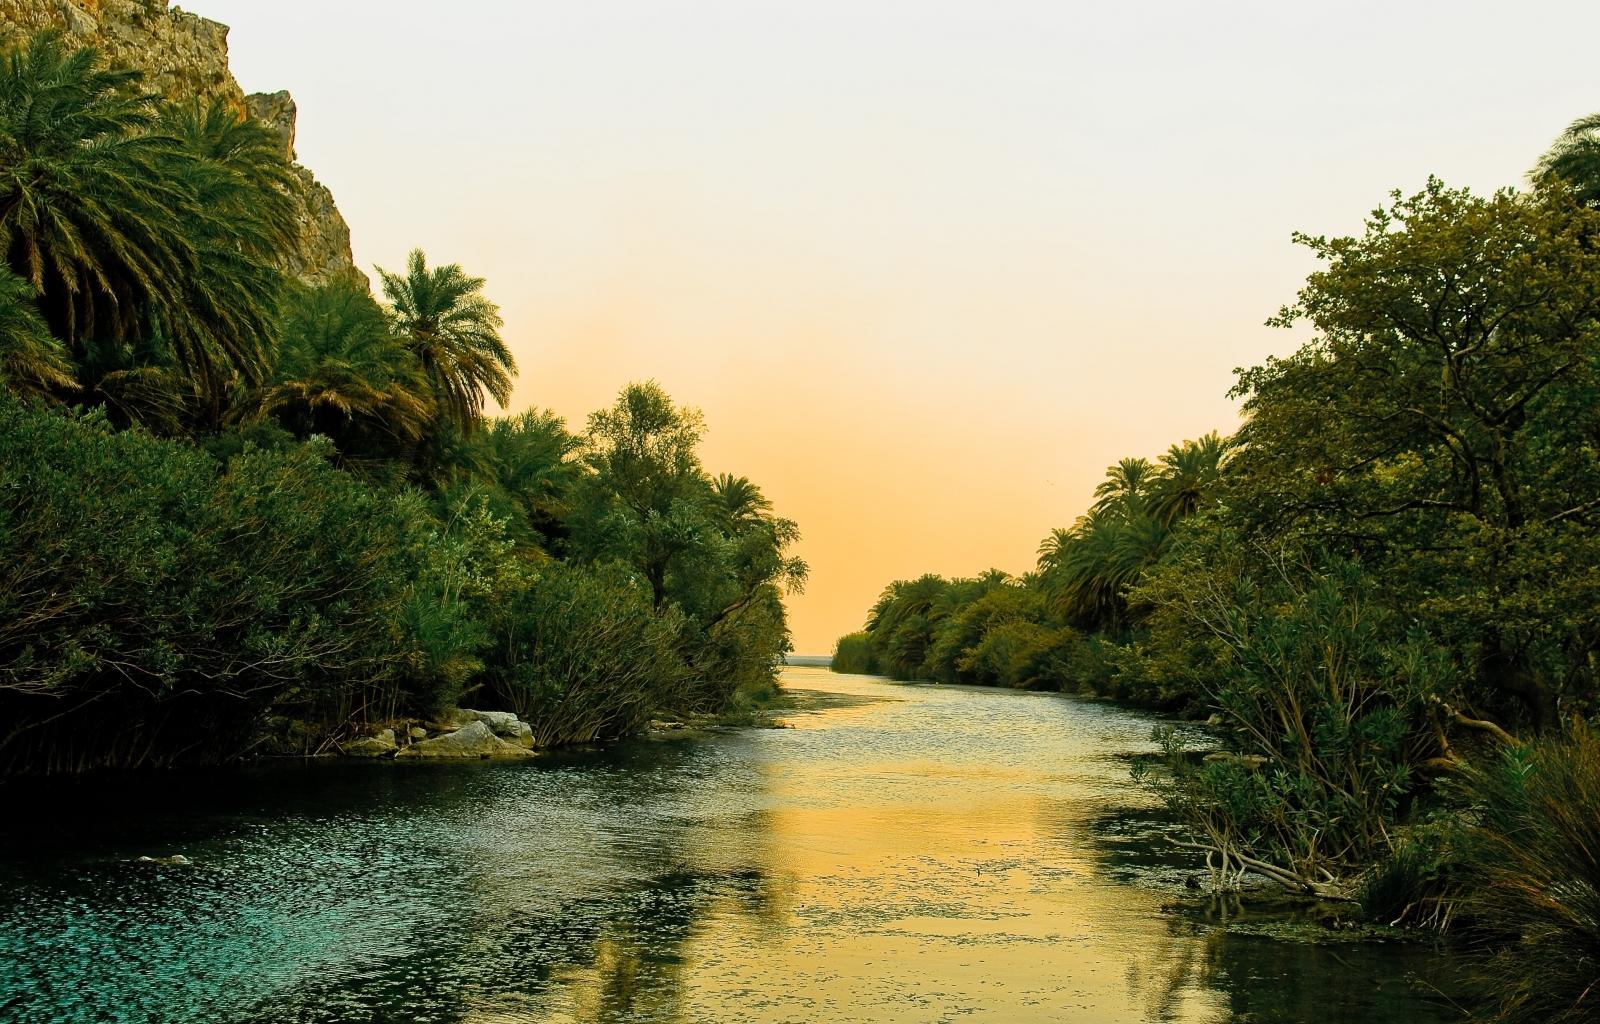 25451 скачать обои Пейзаж, Река, Деревья, Пальмы - заставки и картинки бесплатно